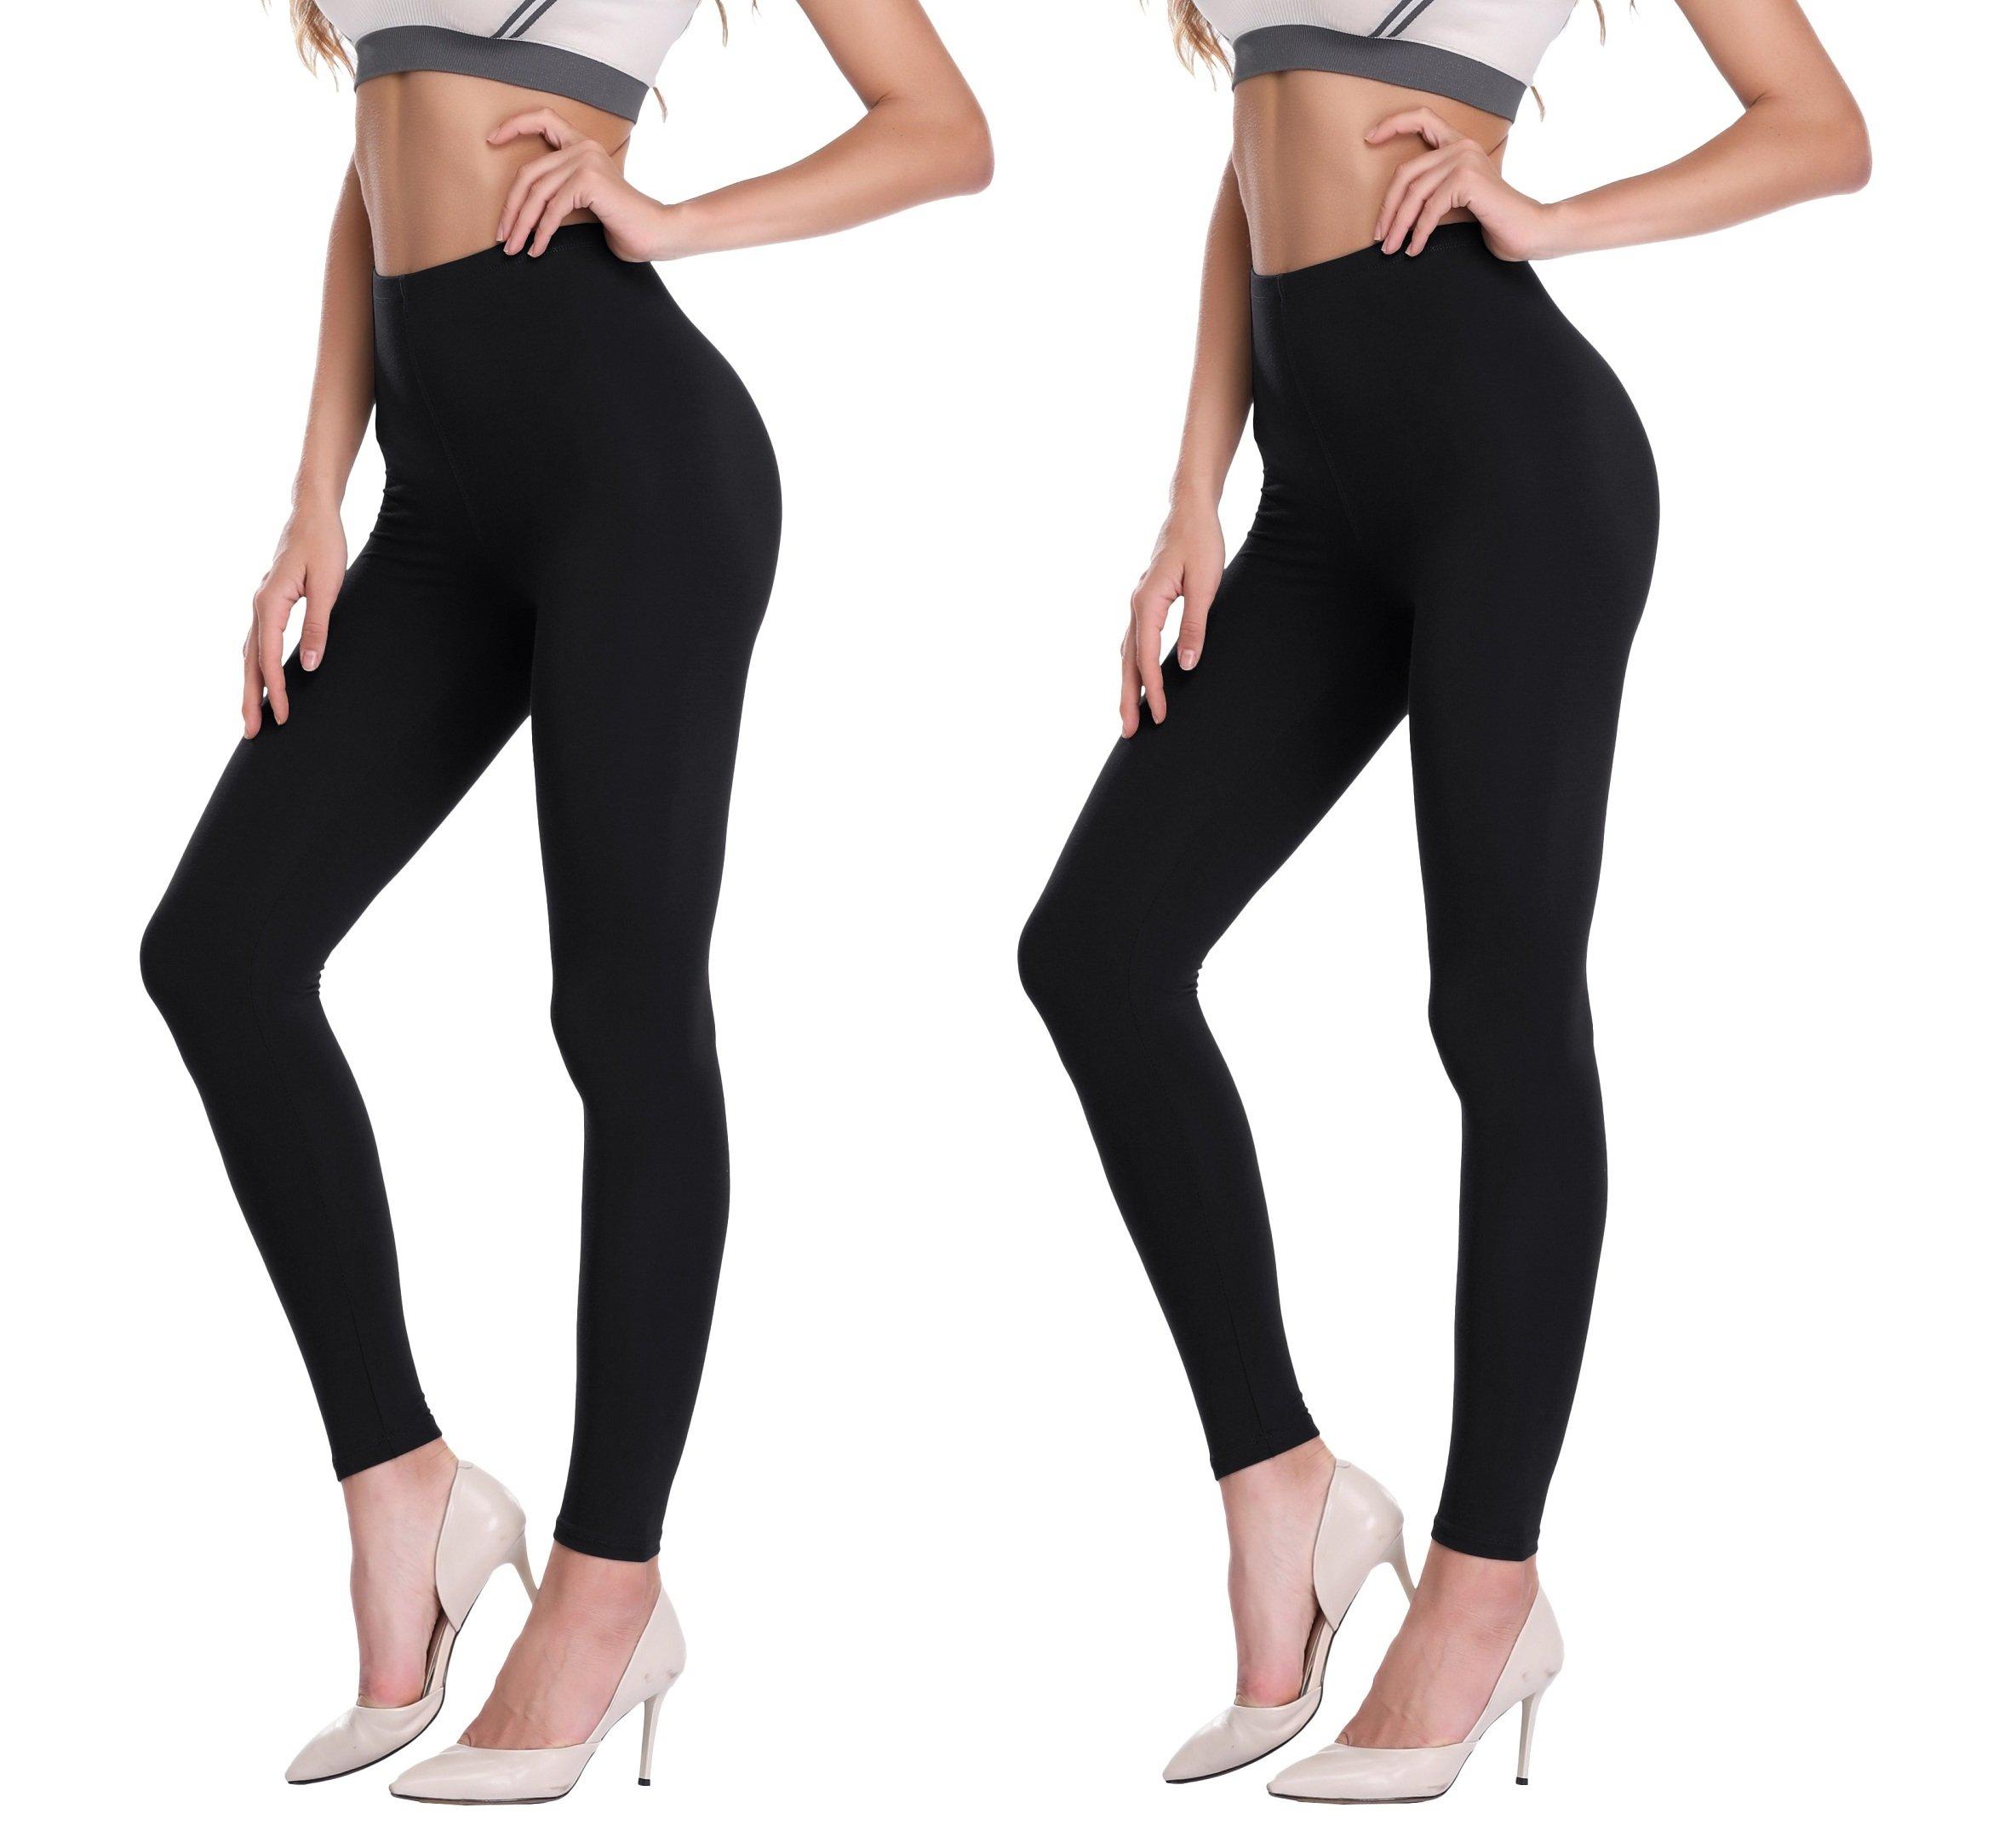 PENGEE Women's Extra Soft Ankle Length Leggings Modal Full Length Pants with High Waist